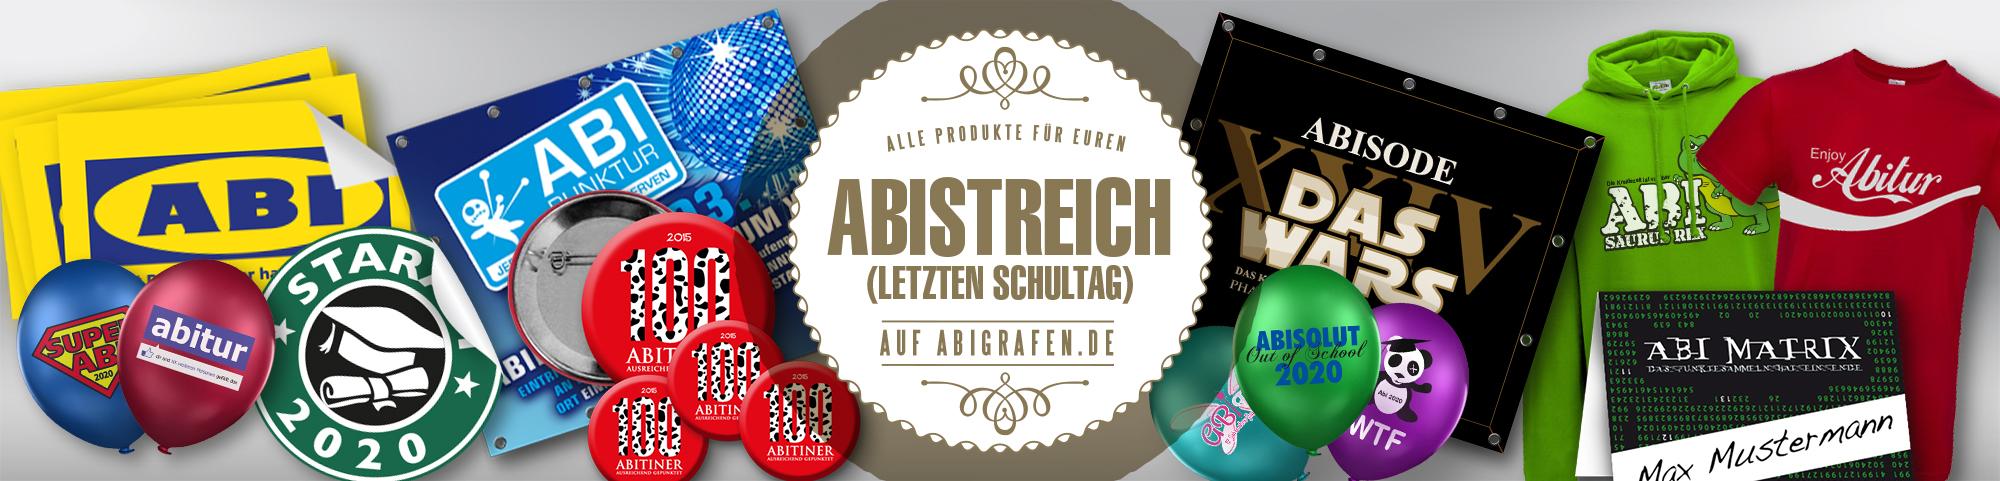 Abishop Produkte für den letzten Schultag (Abigag, Abischerz, Abisturm, Chaostag): Dekorationsartikel, Abschlussshirts & Accessoires bedruckt mit Abilogo